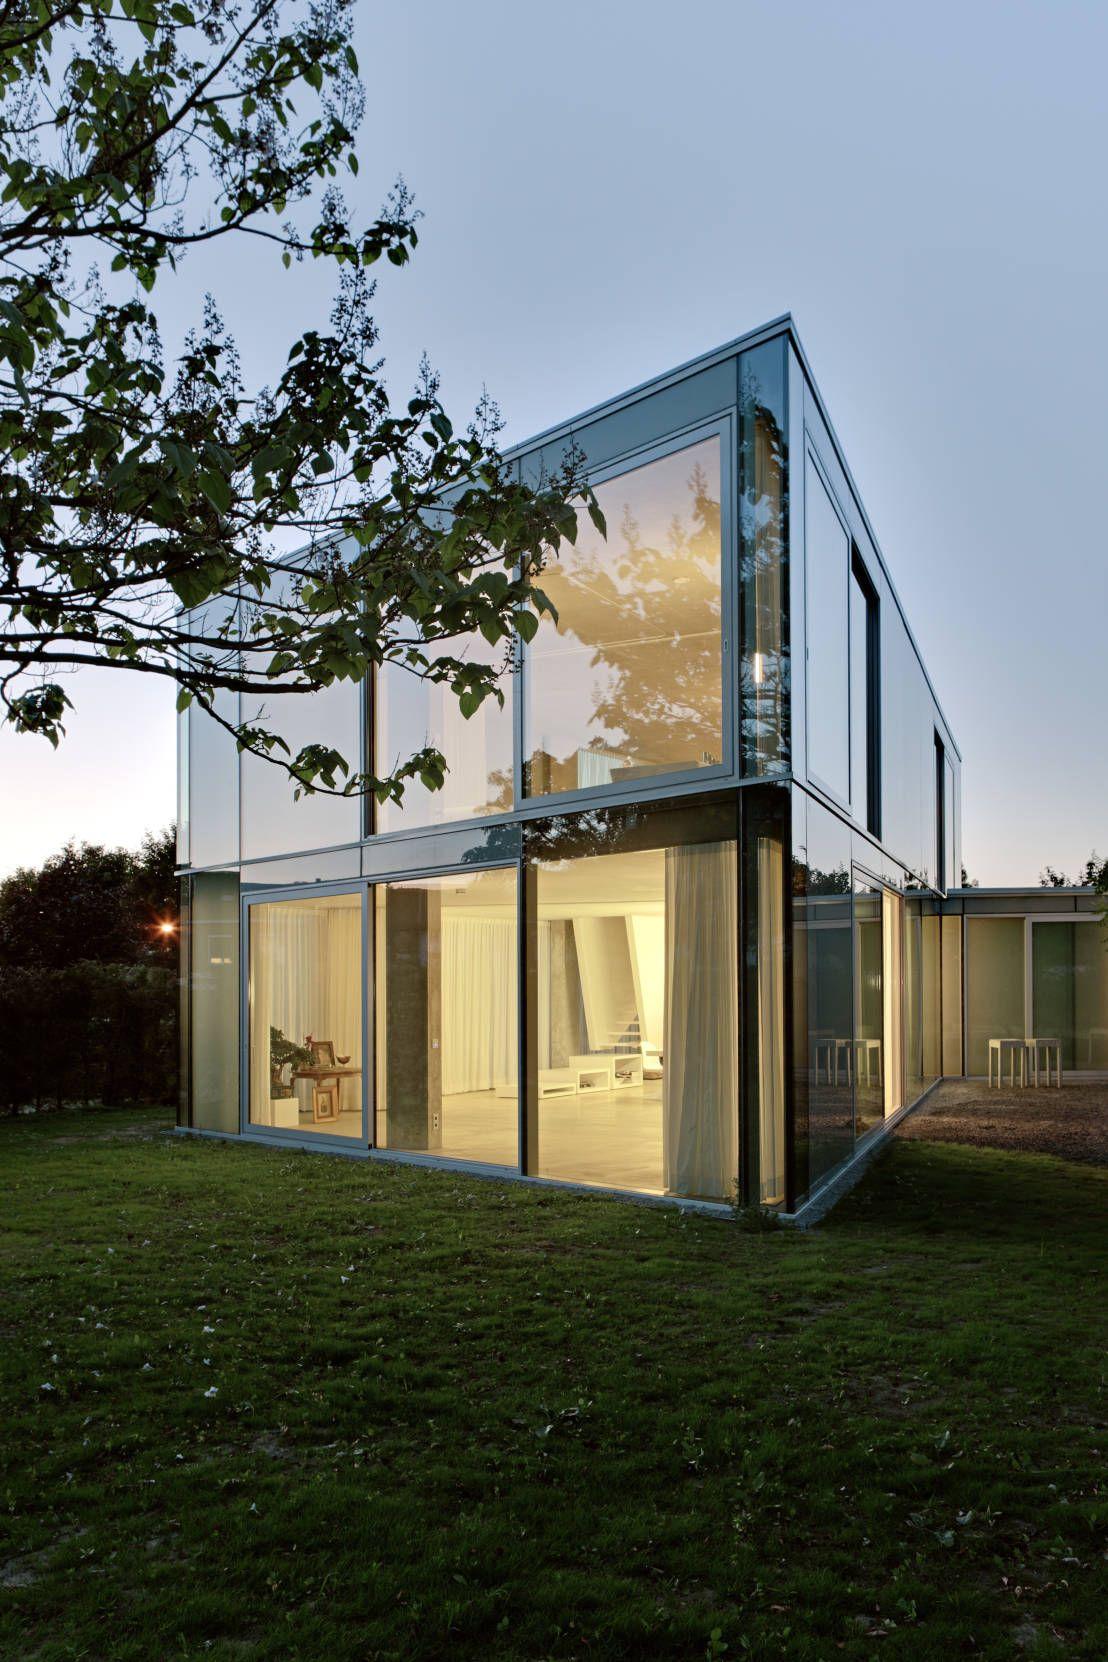 Inspiration Wohnen! | Einfamilienhaus, Traumhäuser und Moderne häuser